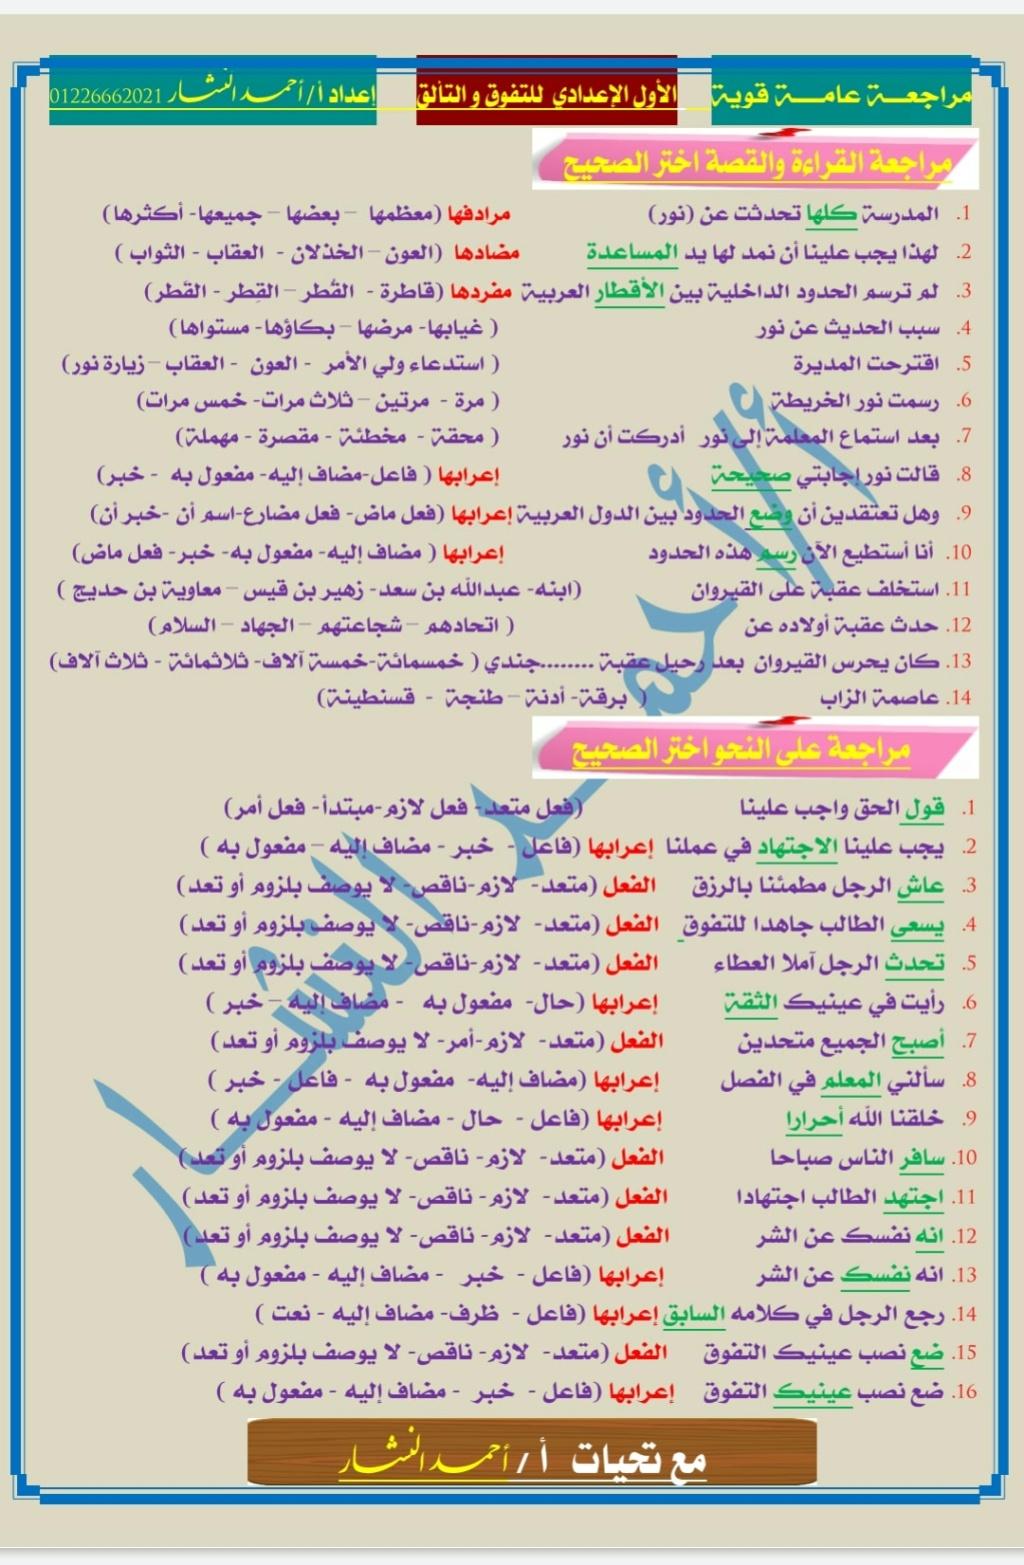 لغة عربية l مراجعة قوية لشهر إبريل الصف الأول الإعدادي 14317